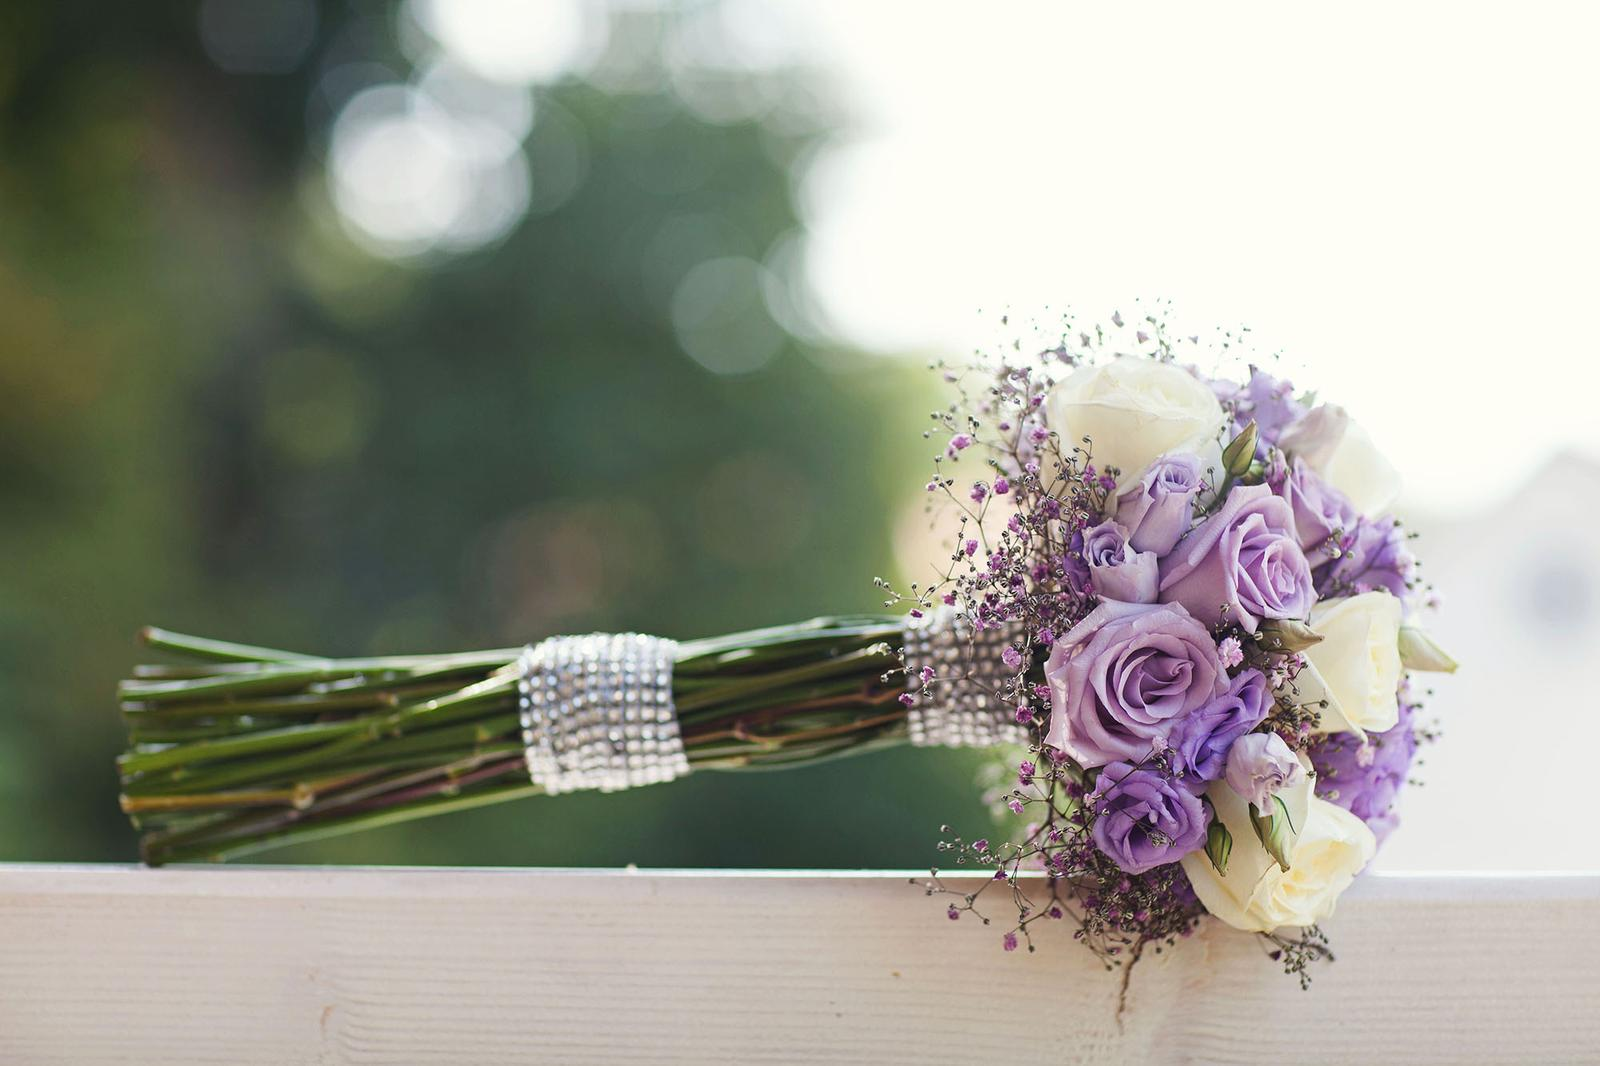 Dnes krásných 300 dní po svatbě a stále je na co vzpomínat! Pomalu začínáme plánovat oslavu našeho prvního výročí  a snažíme si užívat každou volnou chvíli spolu.....vědět, že život po svatbě je takhle skvělý, vdala jsem se už dřív :-) je to úžasný pocit, když víte, že ten váš je ten pravý :) - Obrázek č. 1